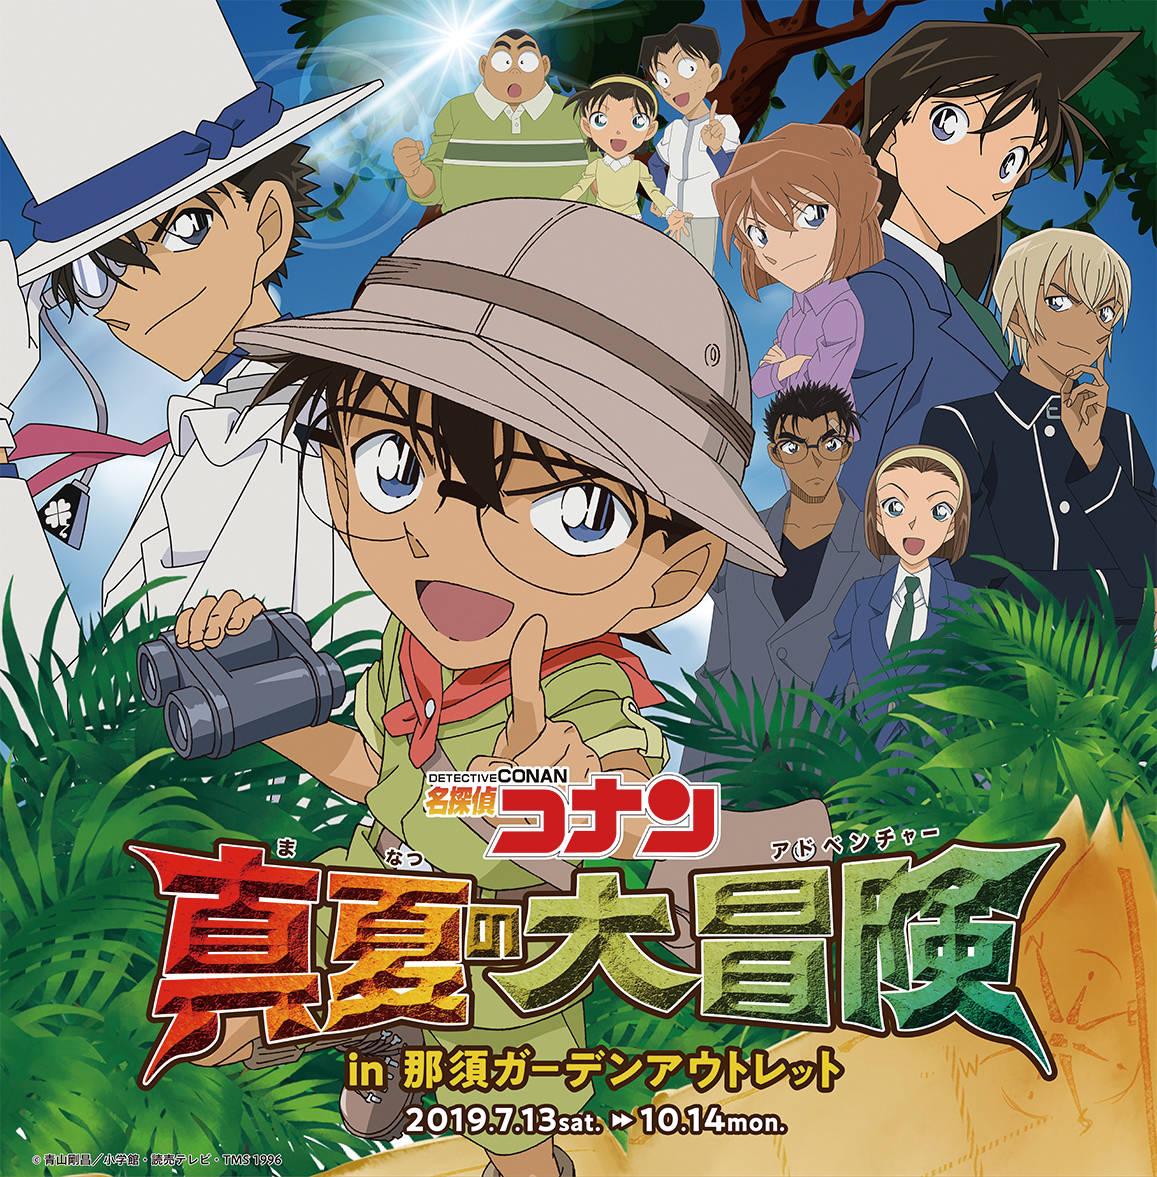 名探偵コナン 真夏の大冒険(アドベンチャー)in 那須ガーデンアウトレット1